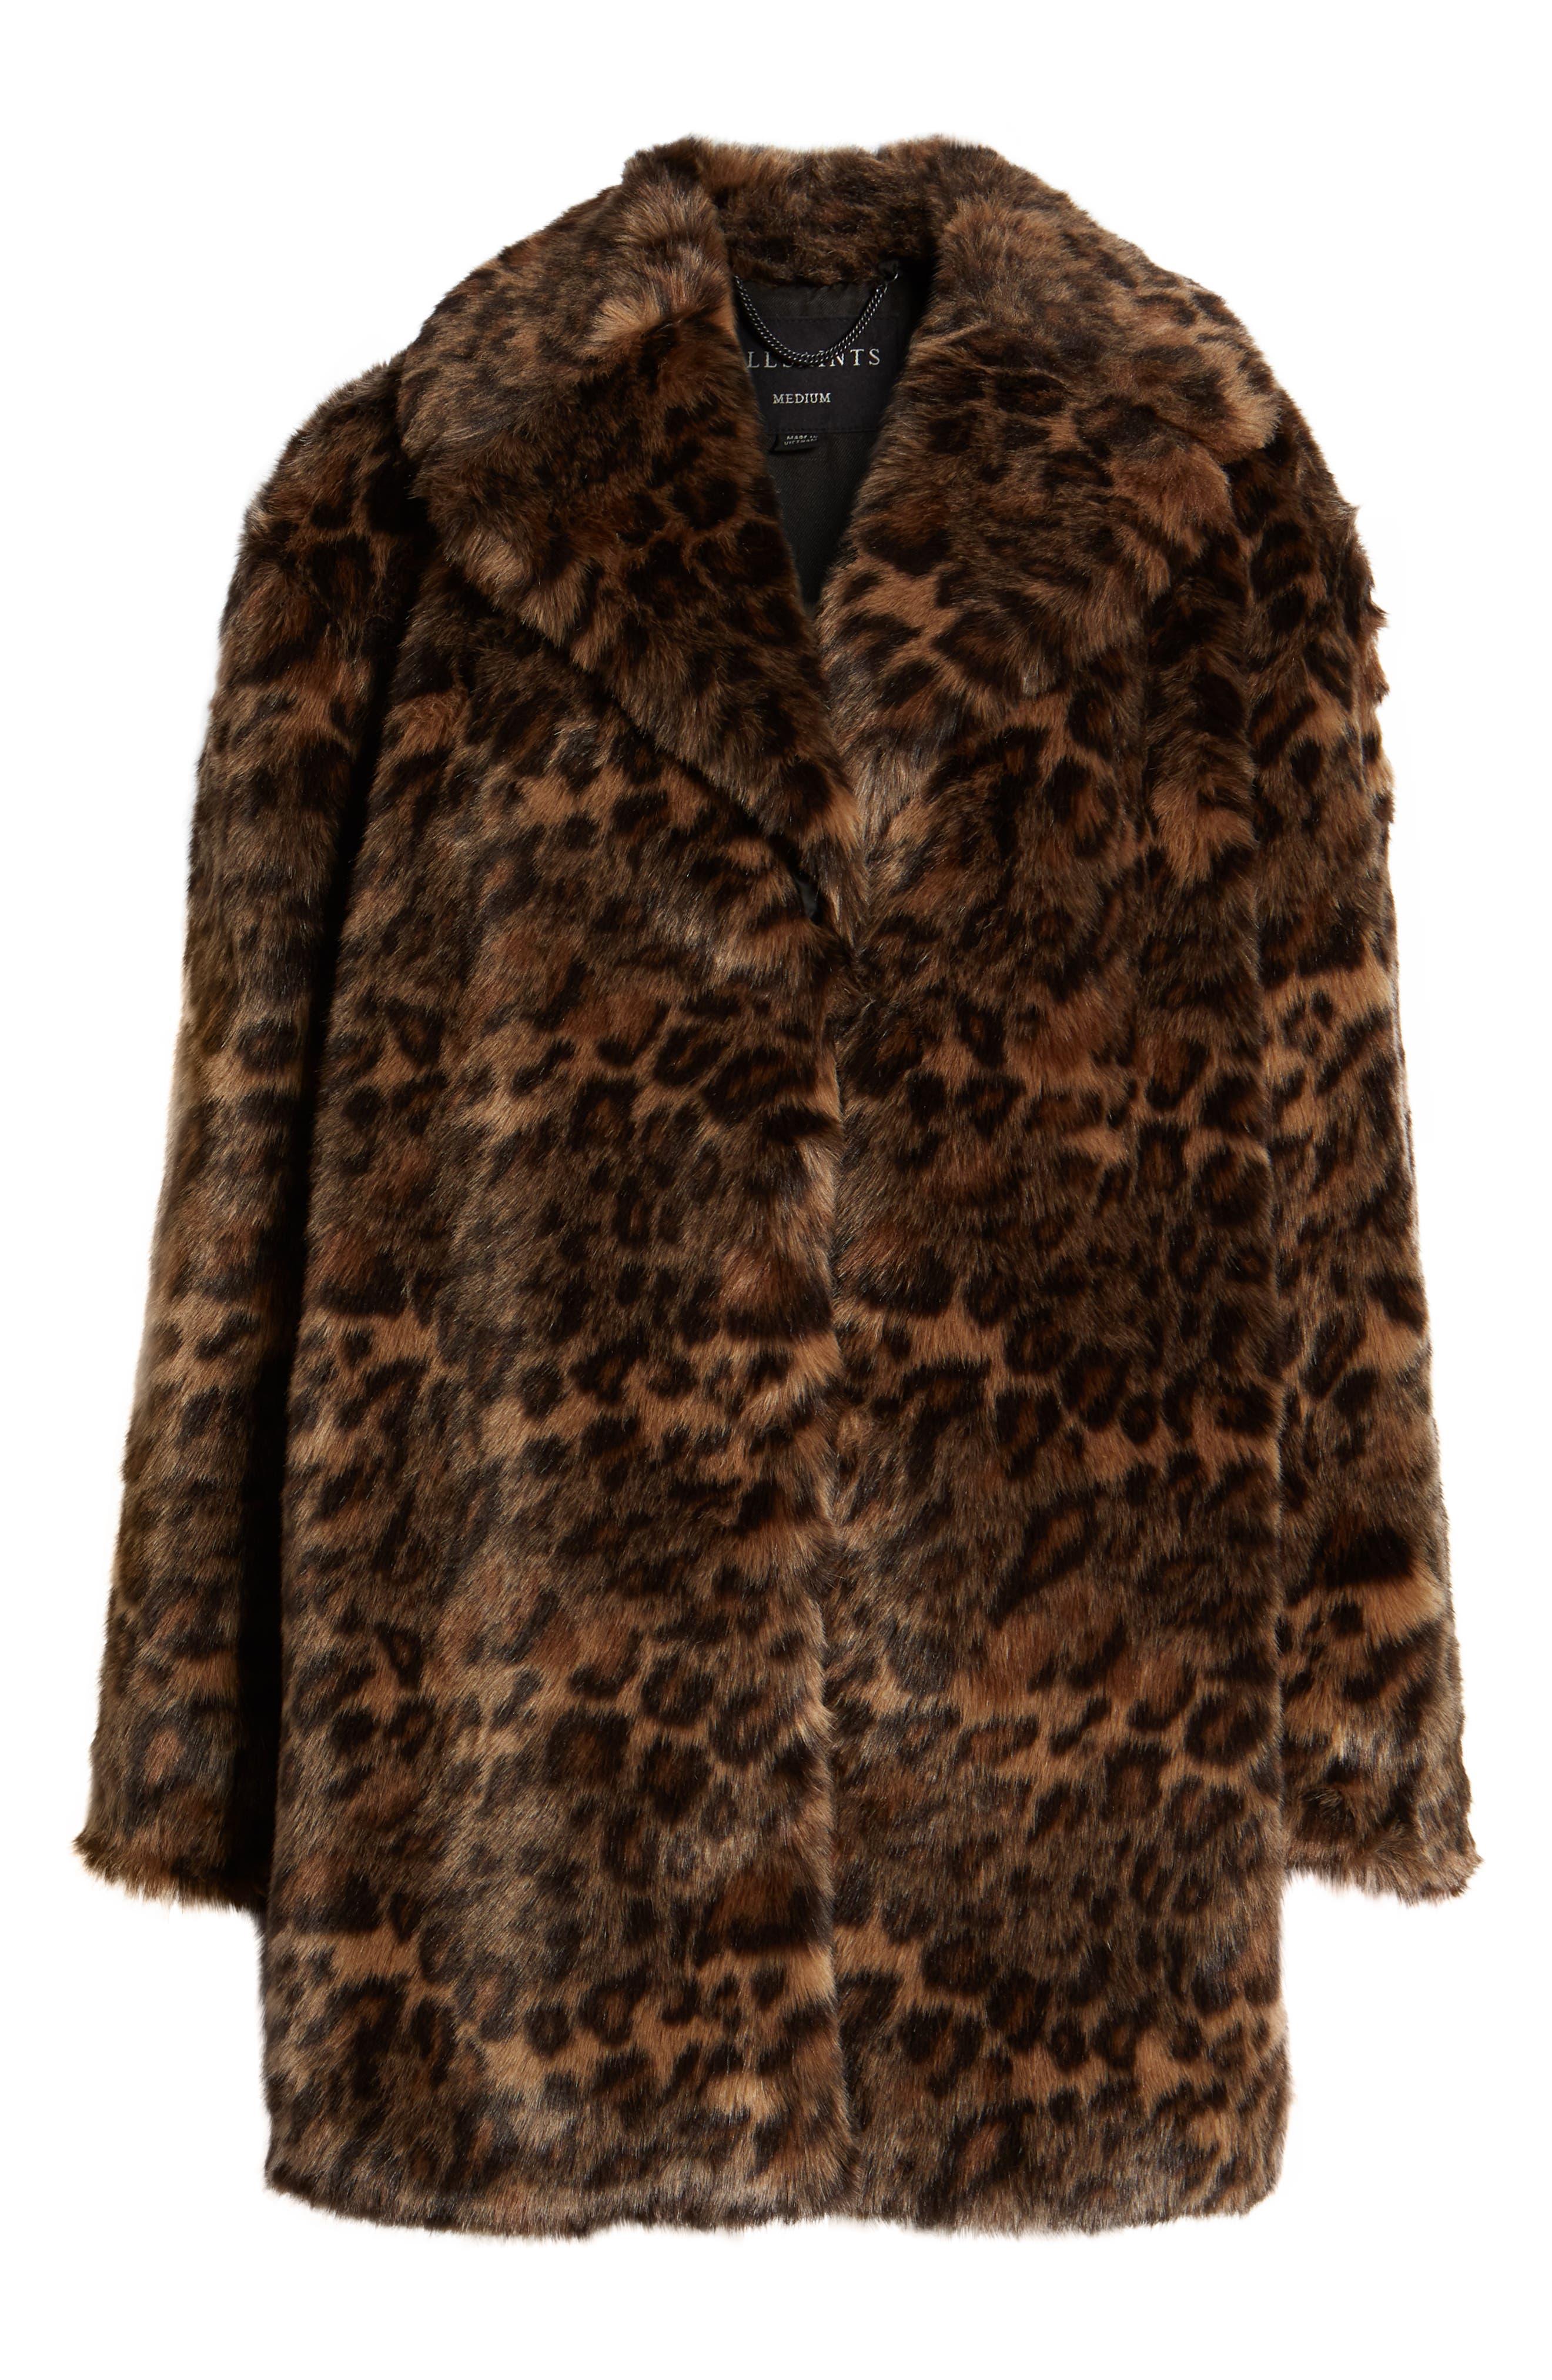 ALLSAINTS, Amice Leopard Spot Faux Fur Jacket, Alternate thumbnail 6, color, 200